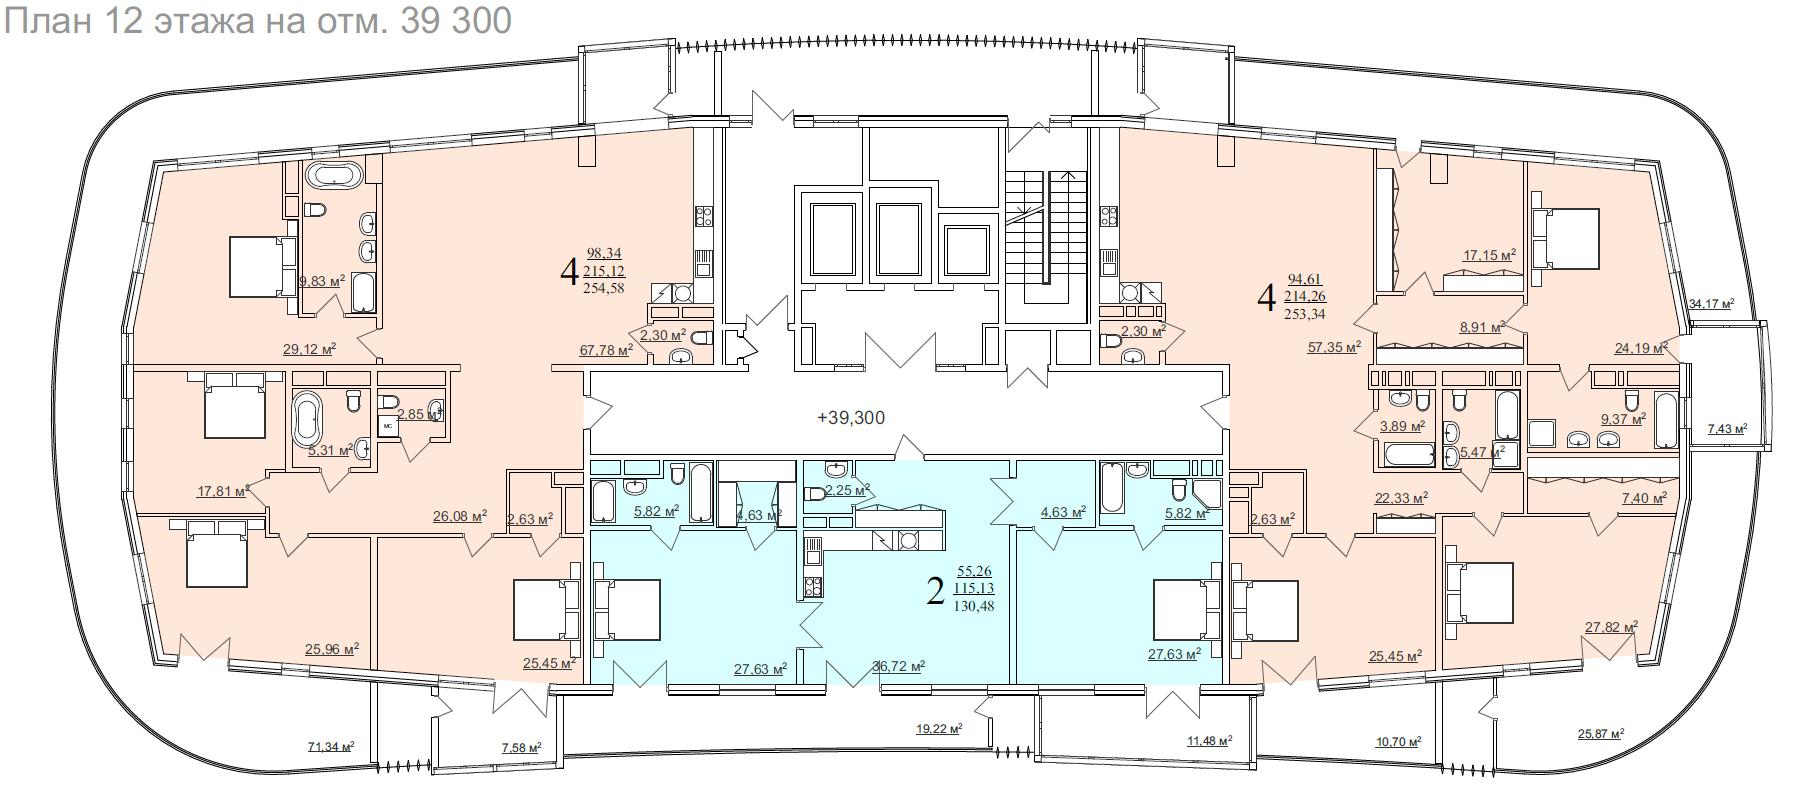 12 этаж